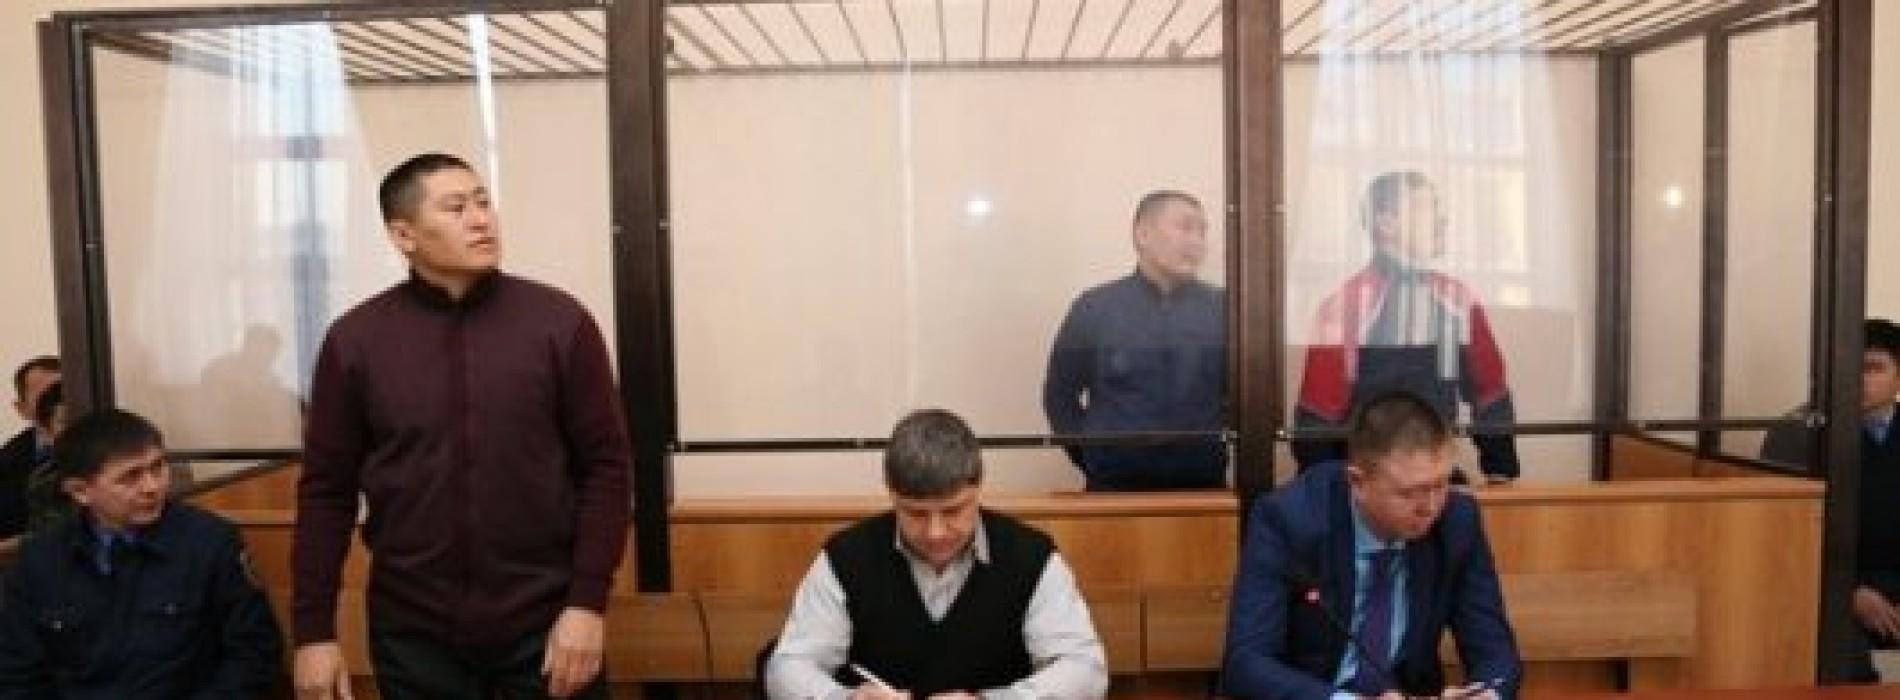 Аплодисменты осужденным полицейским в Костанае: дело получило неожиданное продолжение